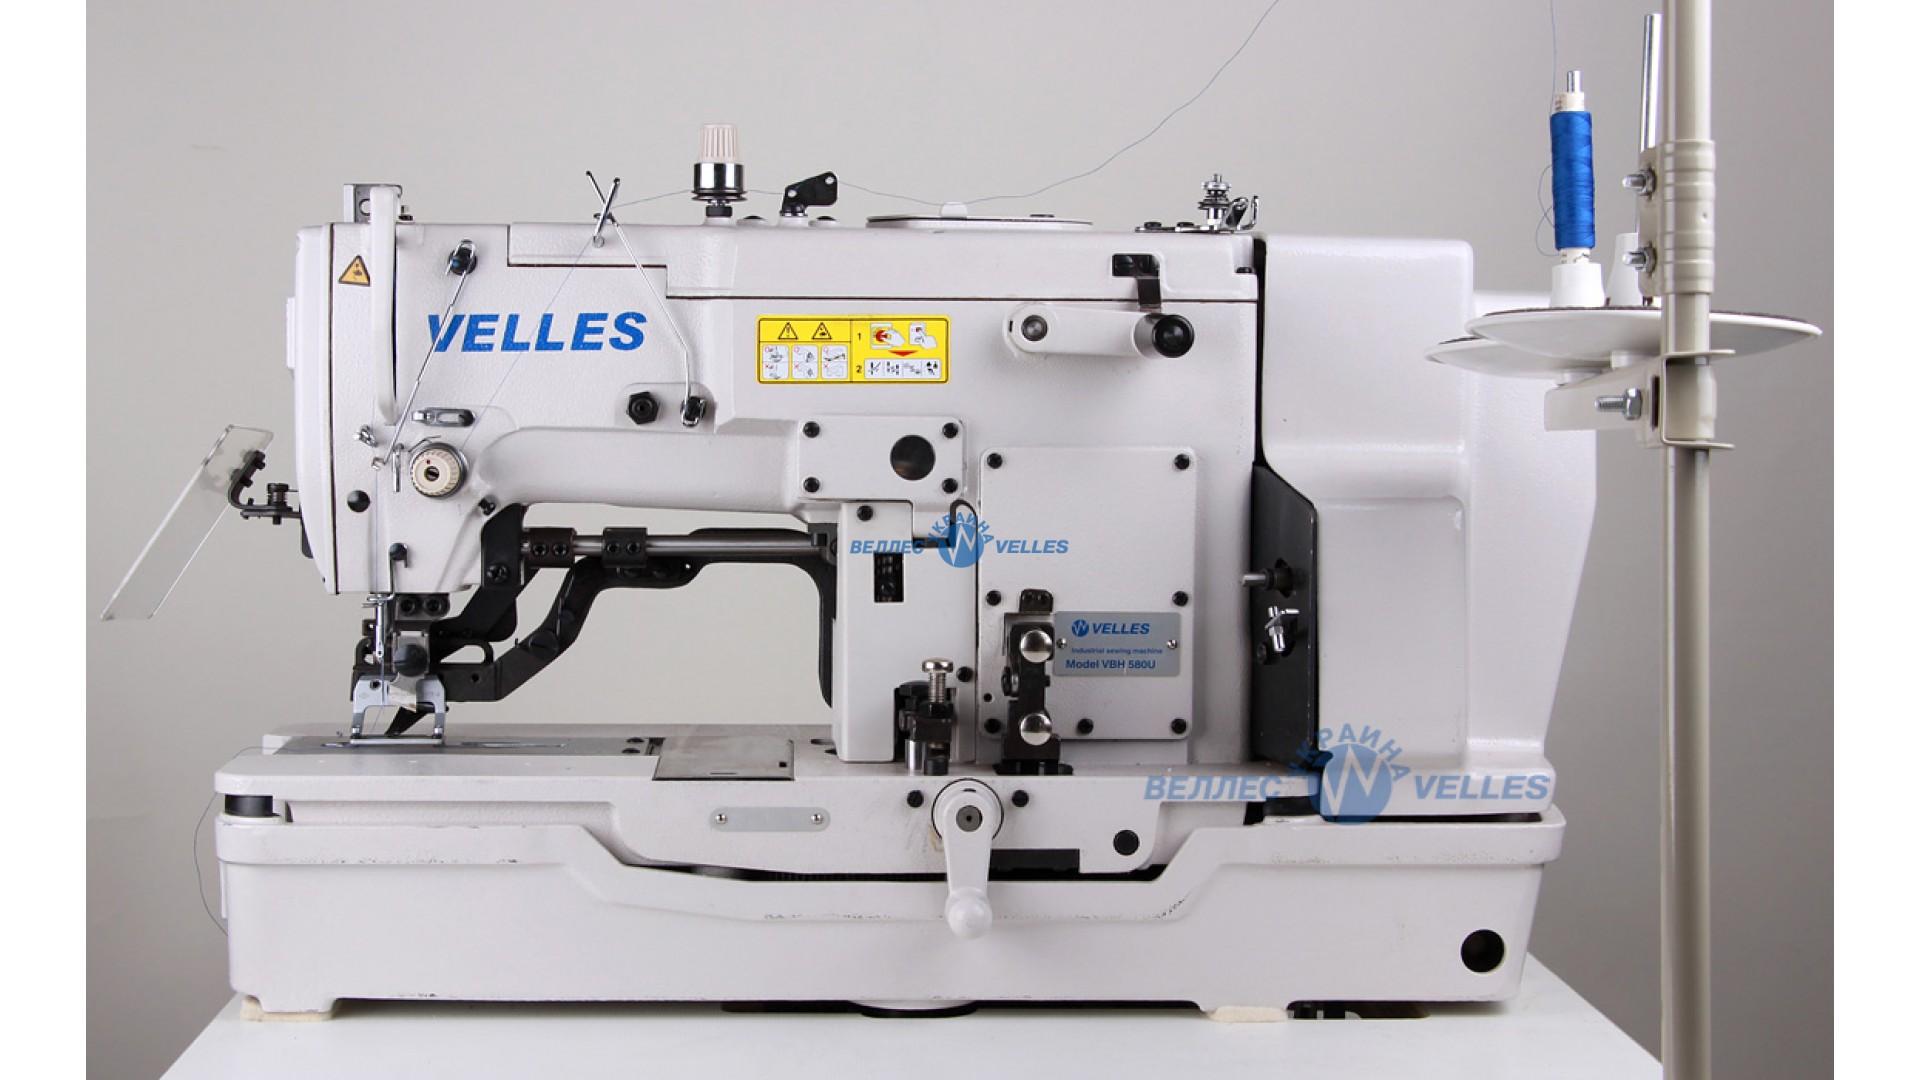 Velles vbh 580u как вычислить объем рулона ткани